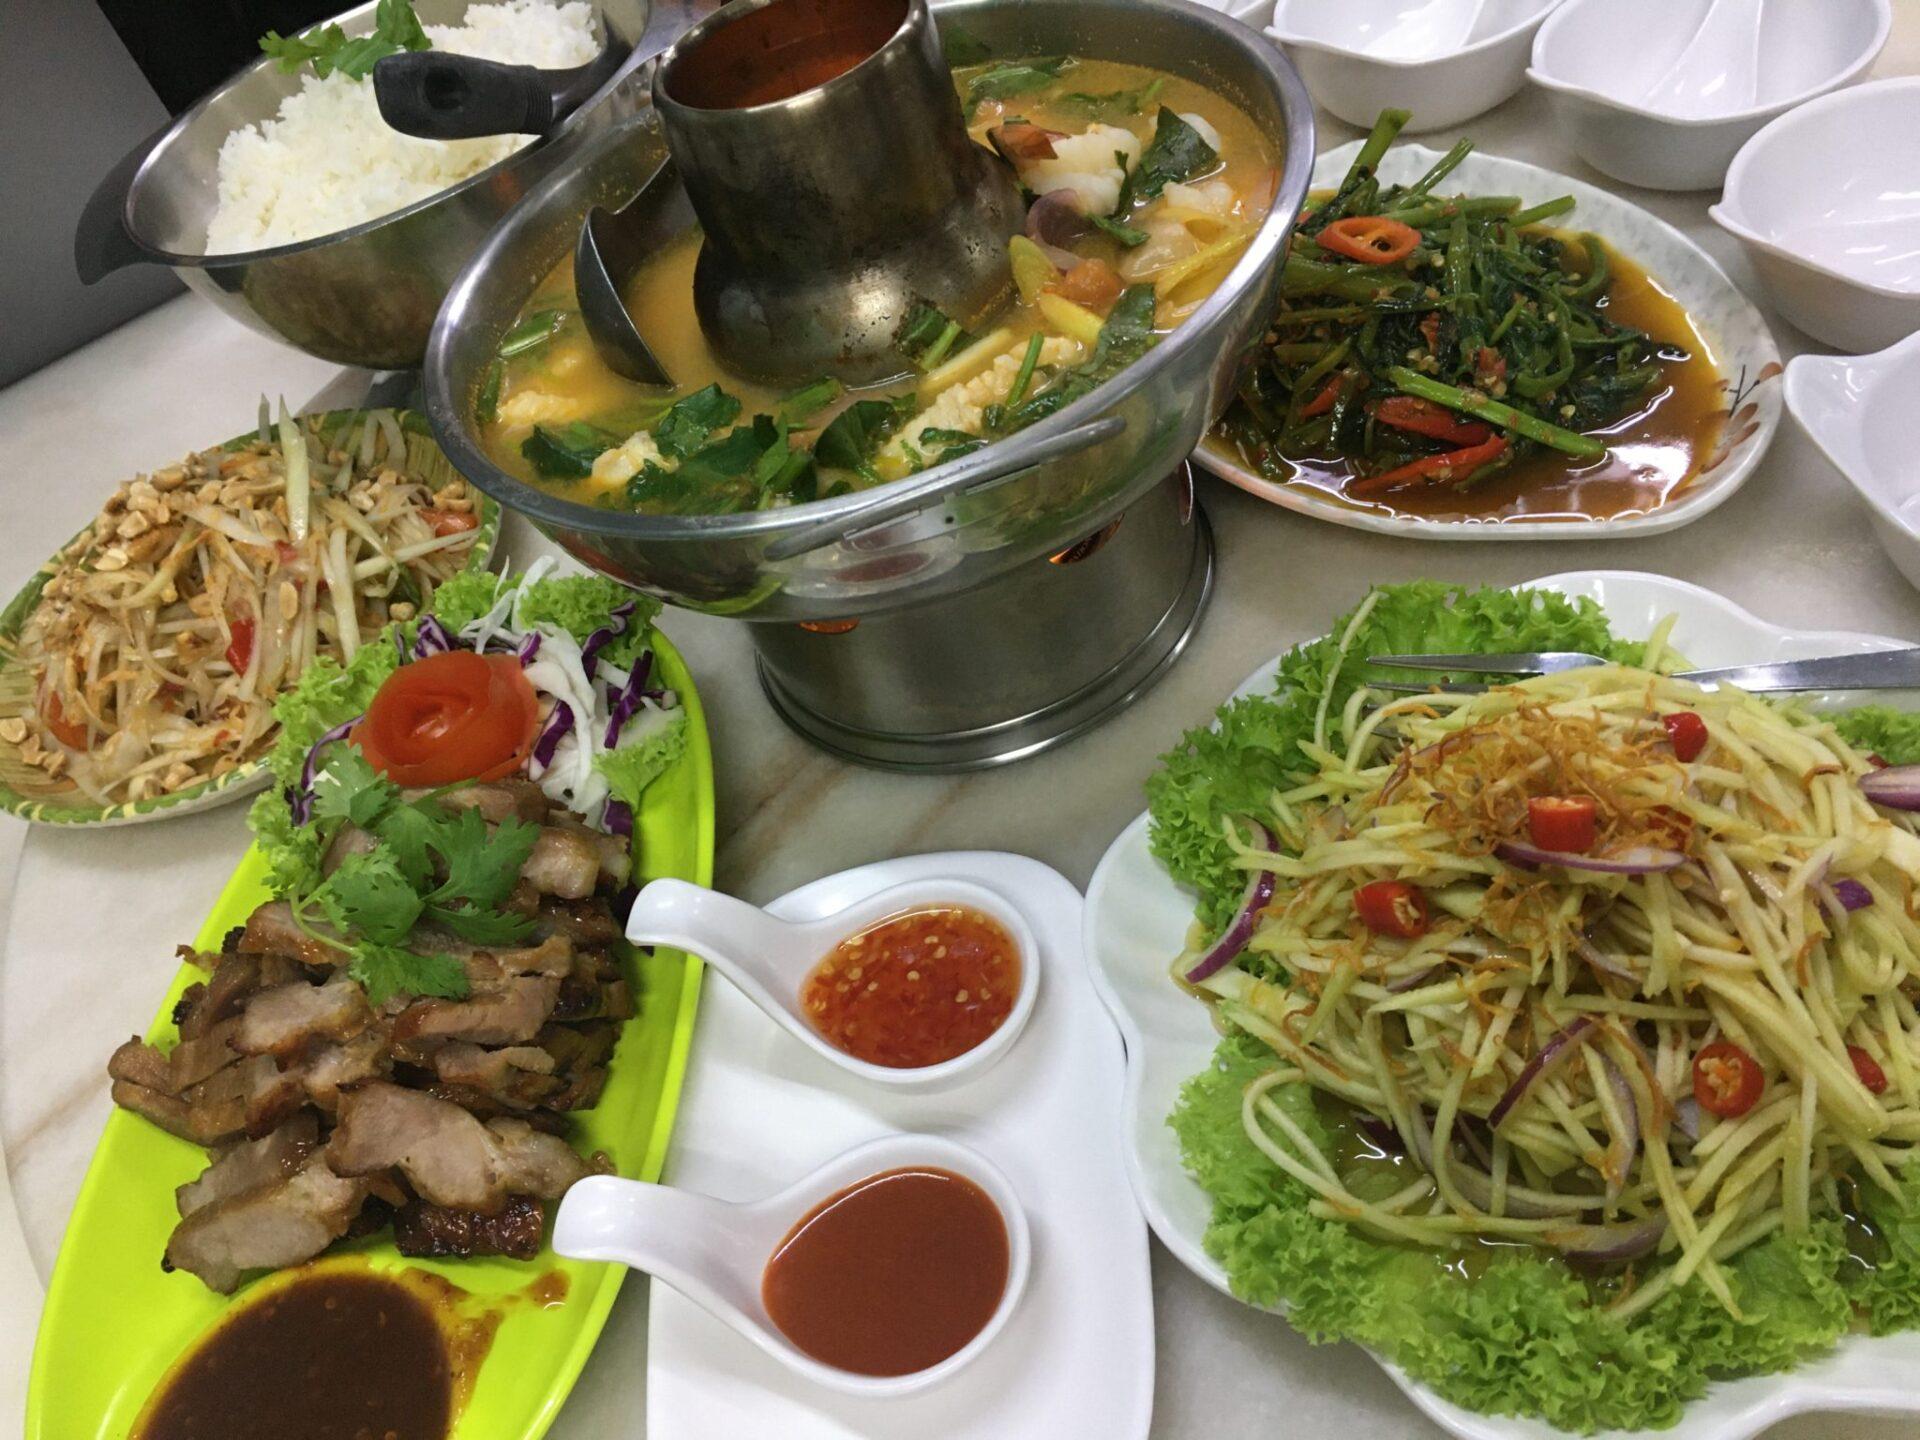 シンガポールのリトルタイ「ゴールデンマイル」で、本場タイ料理を楽しむ♪